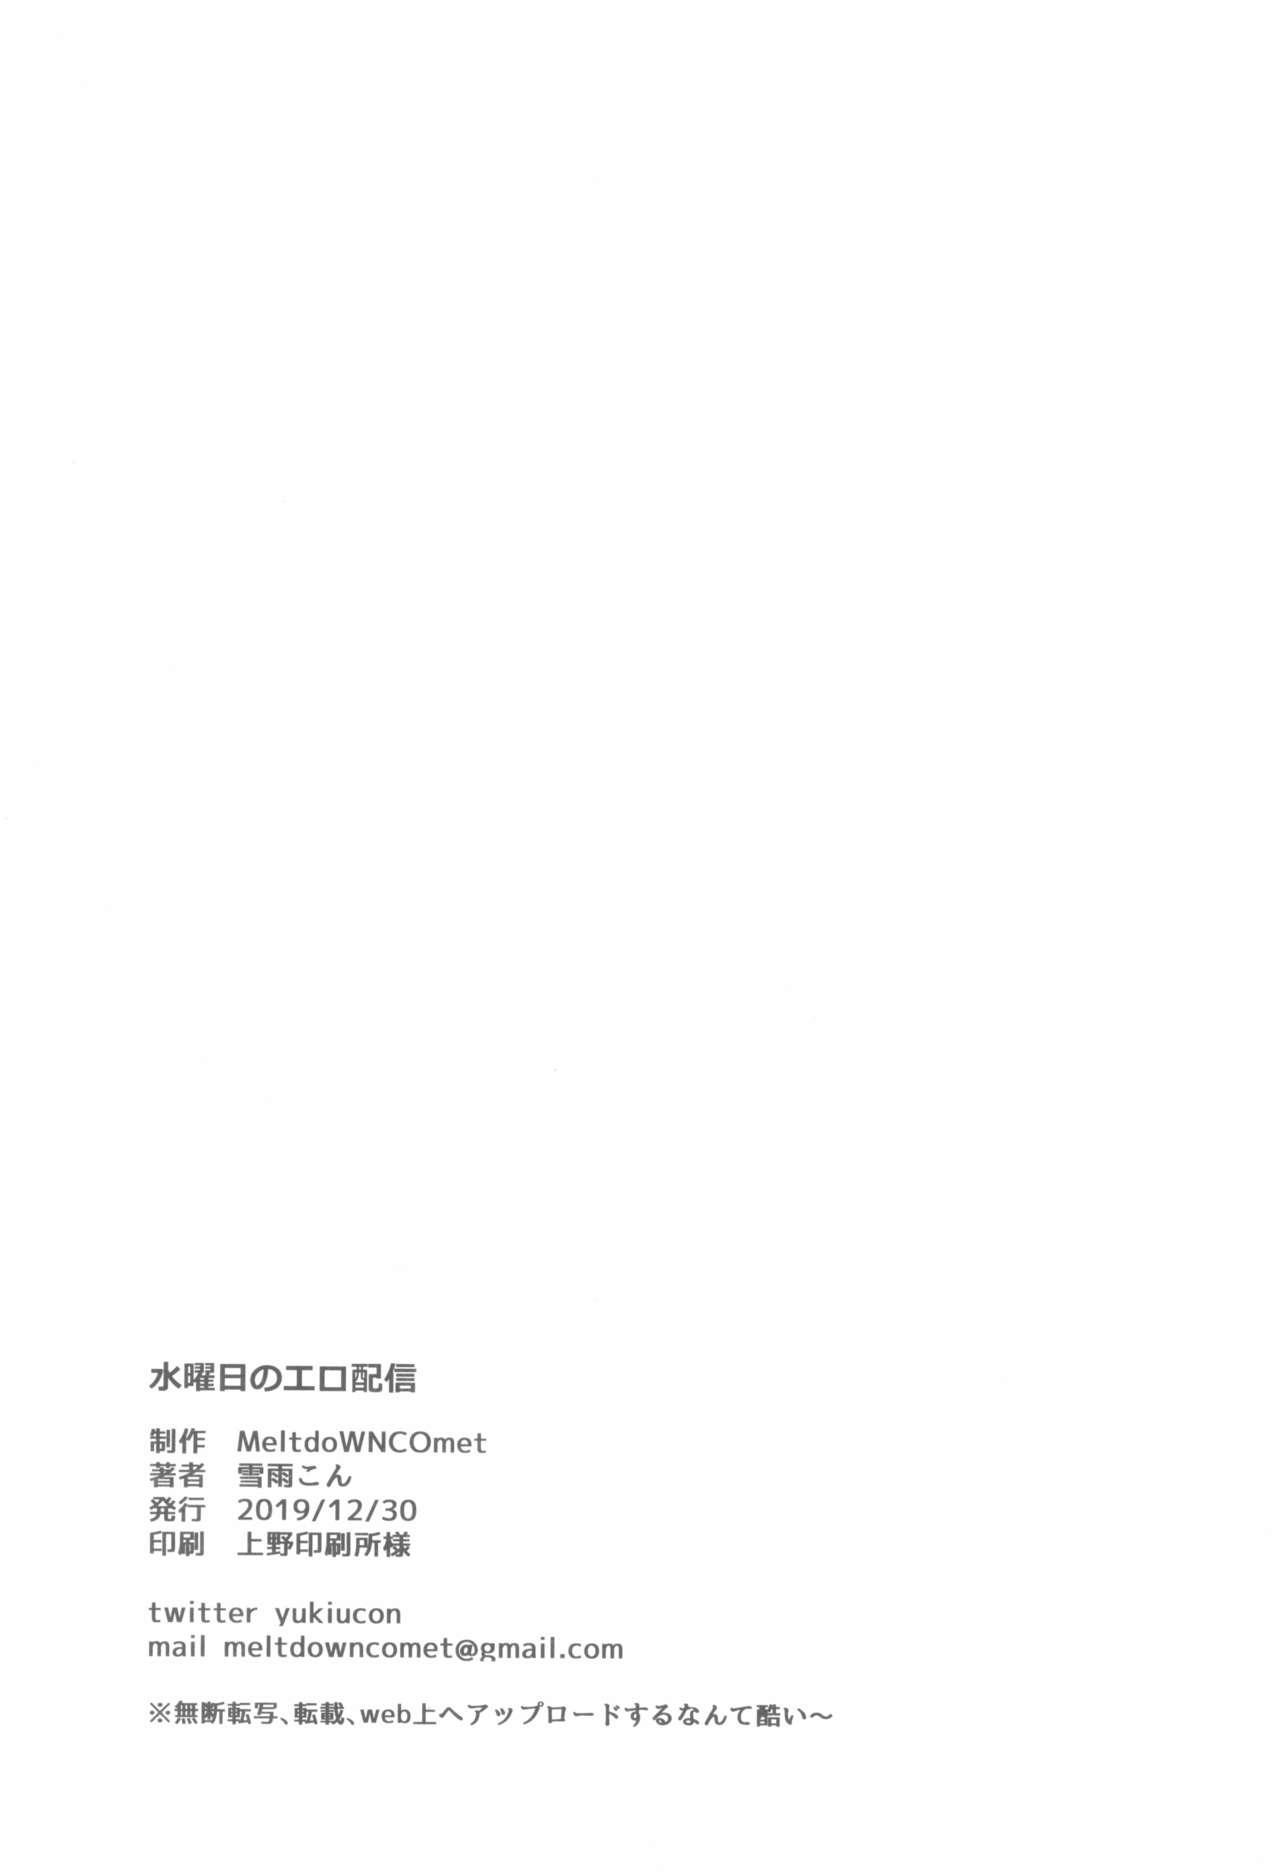 Suiyoubi no Ero Haishin | Wednesday's Erotic Stream 43